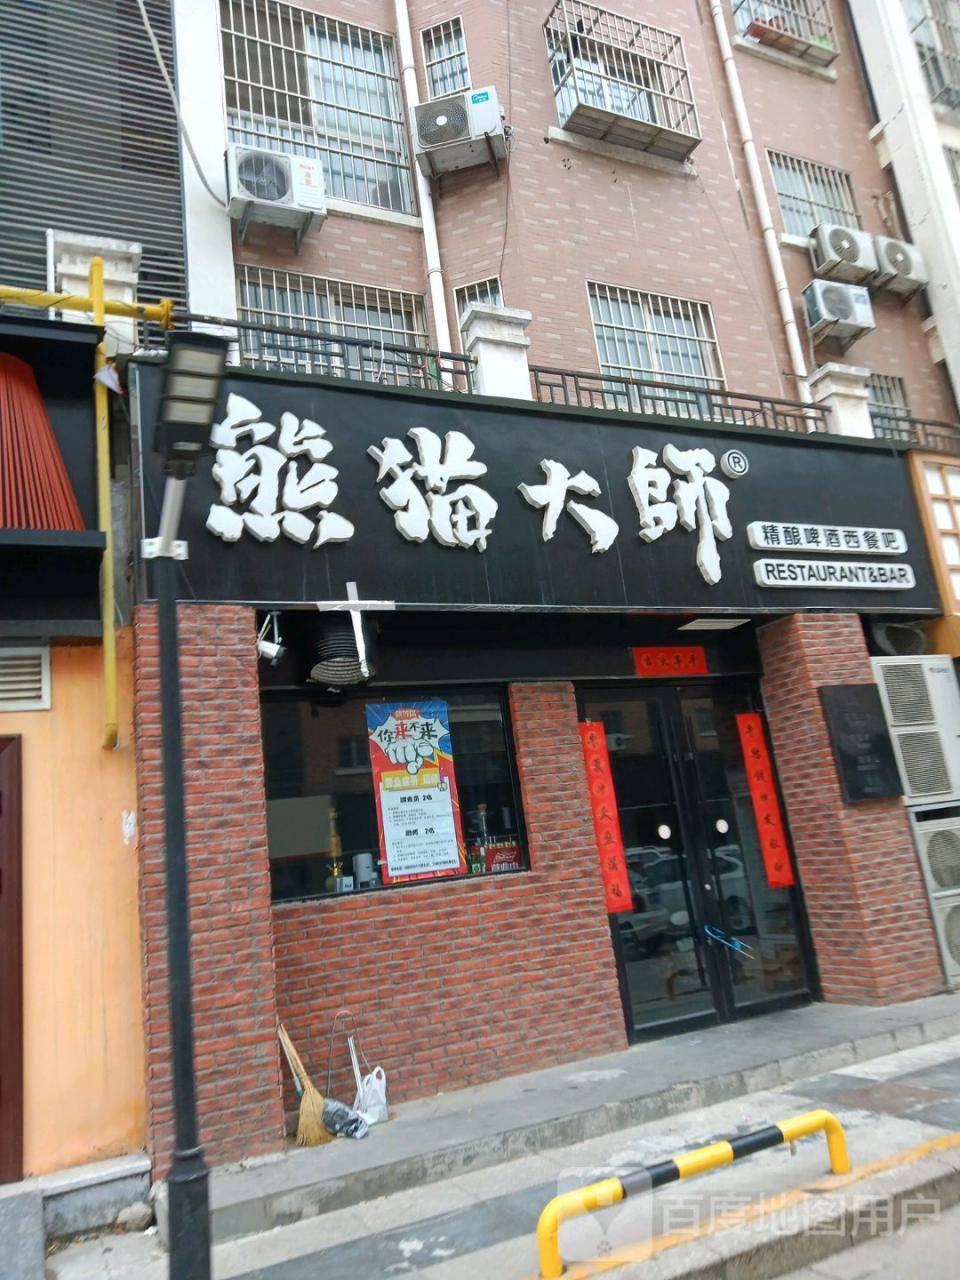 熊猫啤酒价格-熊猫王啤酒怎么样?好像是个新牌子。-大麦丫-精酿啤酒连锁超市,工厂店平价酒吧免费加盟